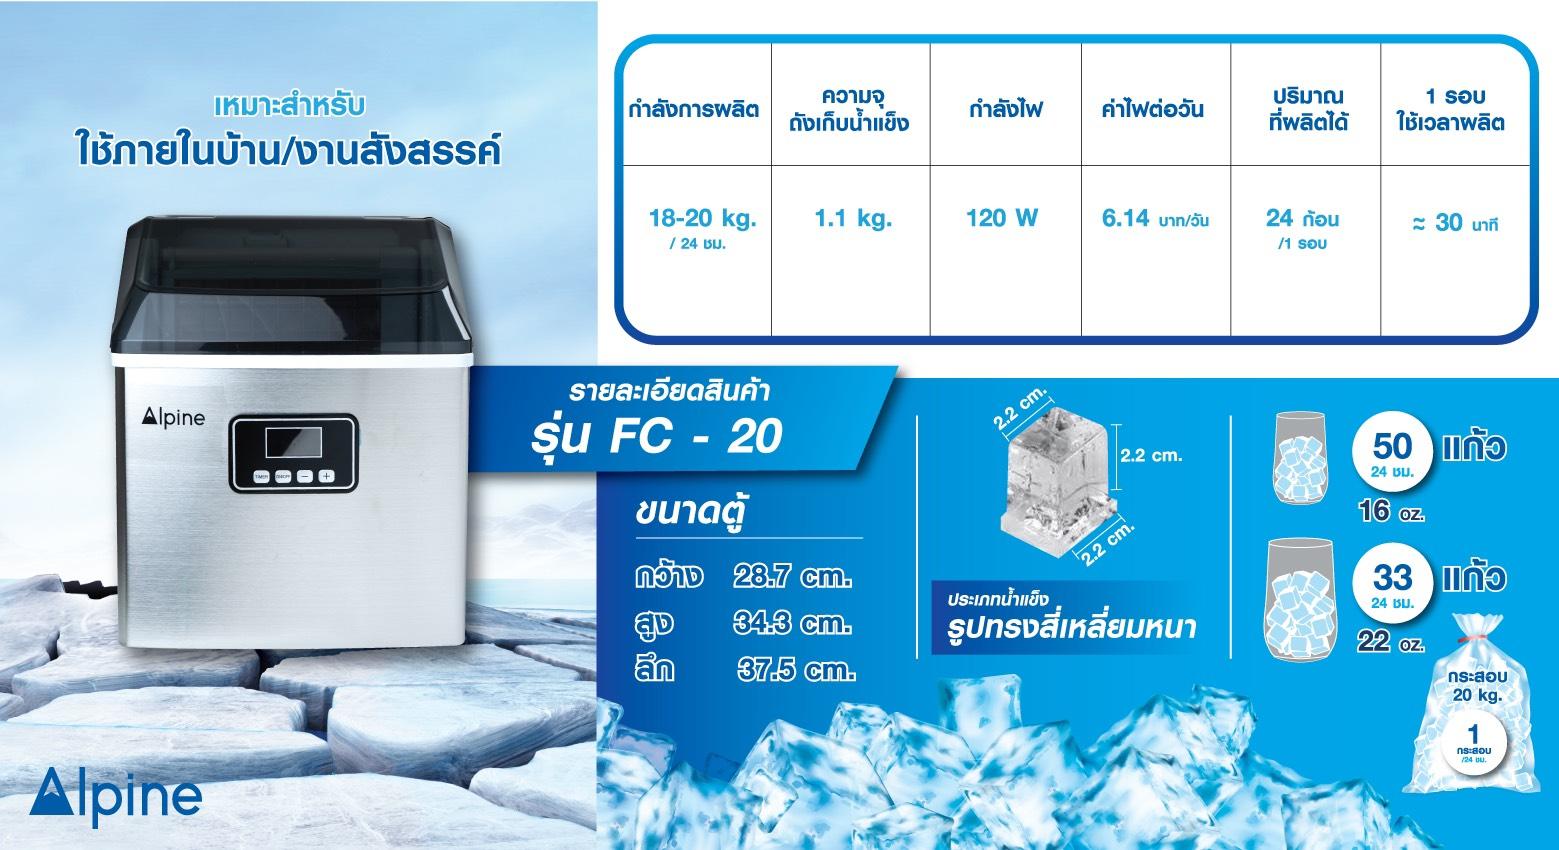 เครื่องทำน้ำแข็งขนาดเล็ก ใช้ในบ้าน